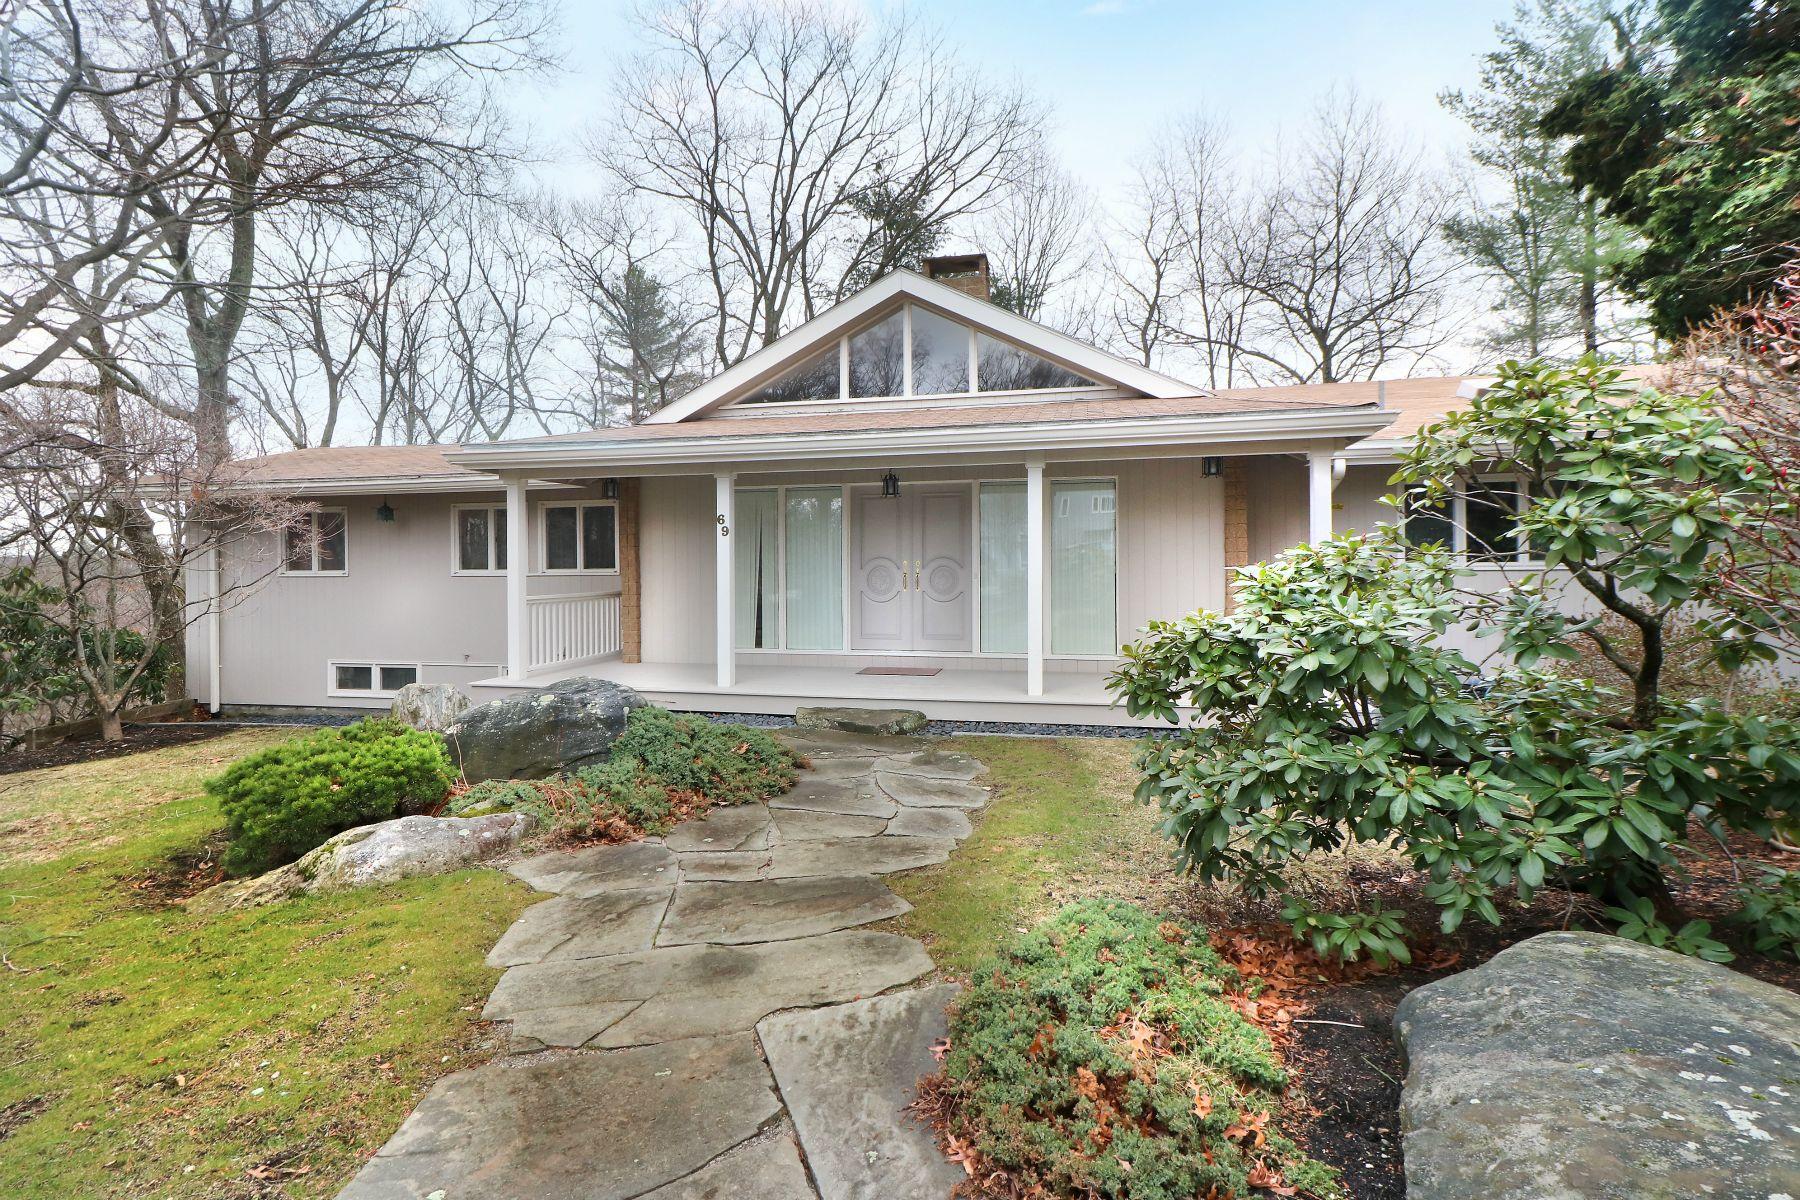 Частный односемейный дом для того Продажа на 69 Crestwood Rd, Newton Newton, Массачусетс 02465 Соединенные Штаты